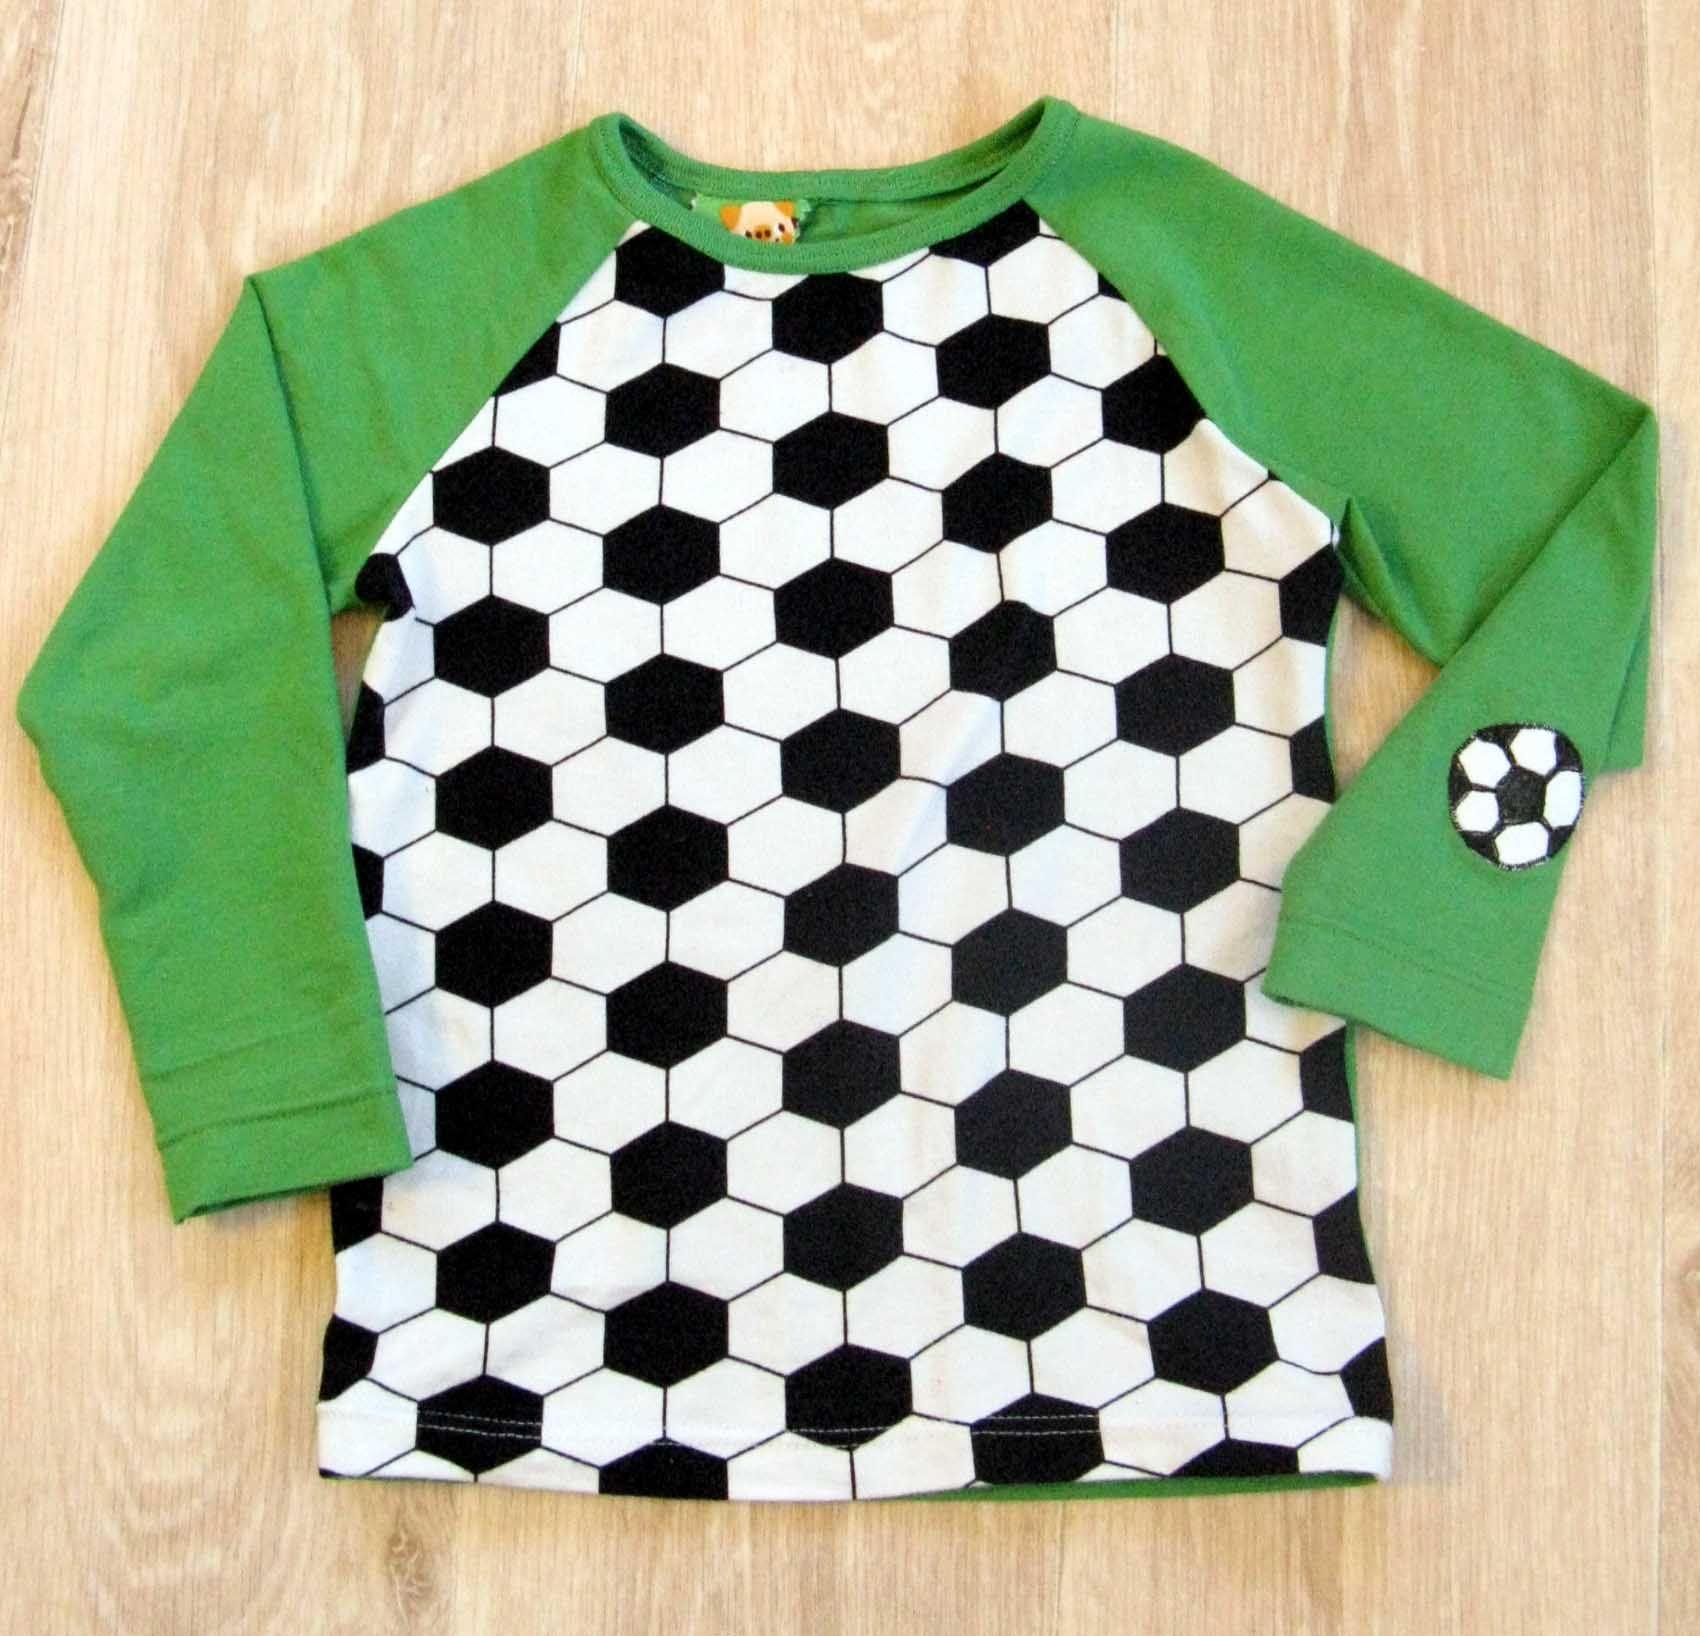 Jalkapalloaiheinen paita http://kangaskorjaamolla.blogspot.fi/2015/03/jalkapallopaita-lakupaita-ynna-muita.html